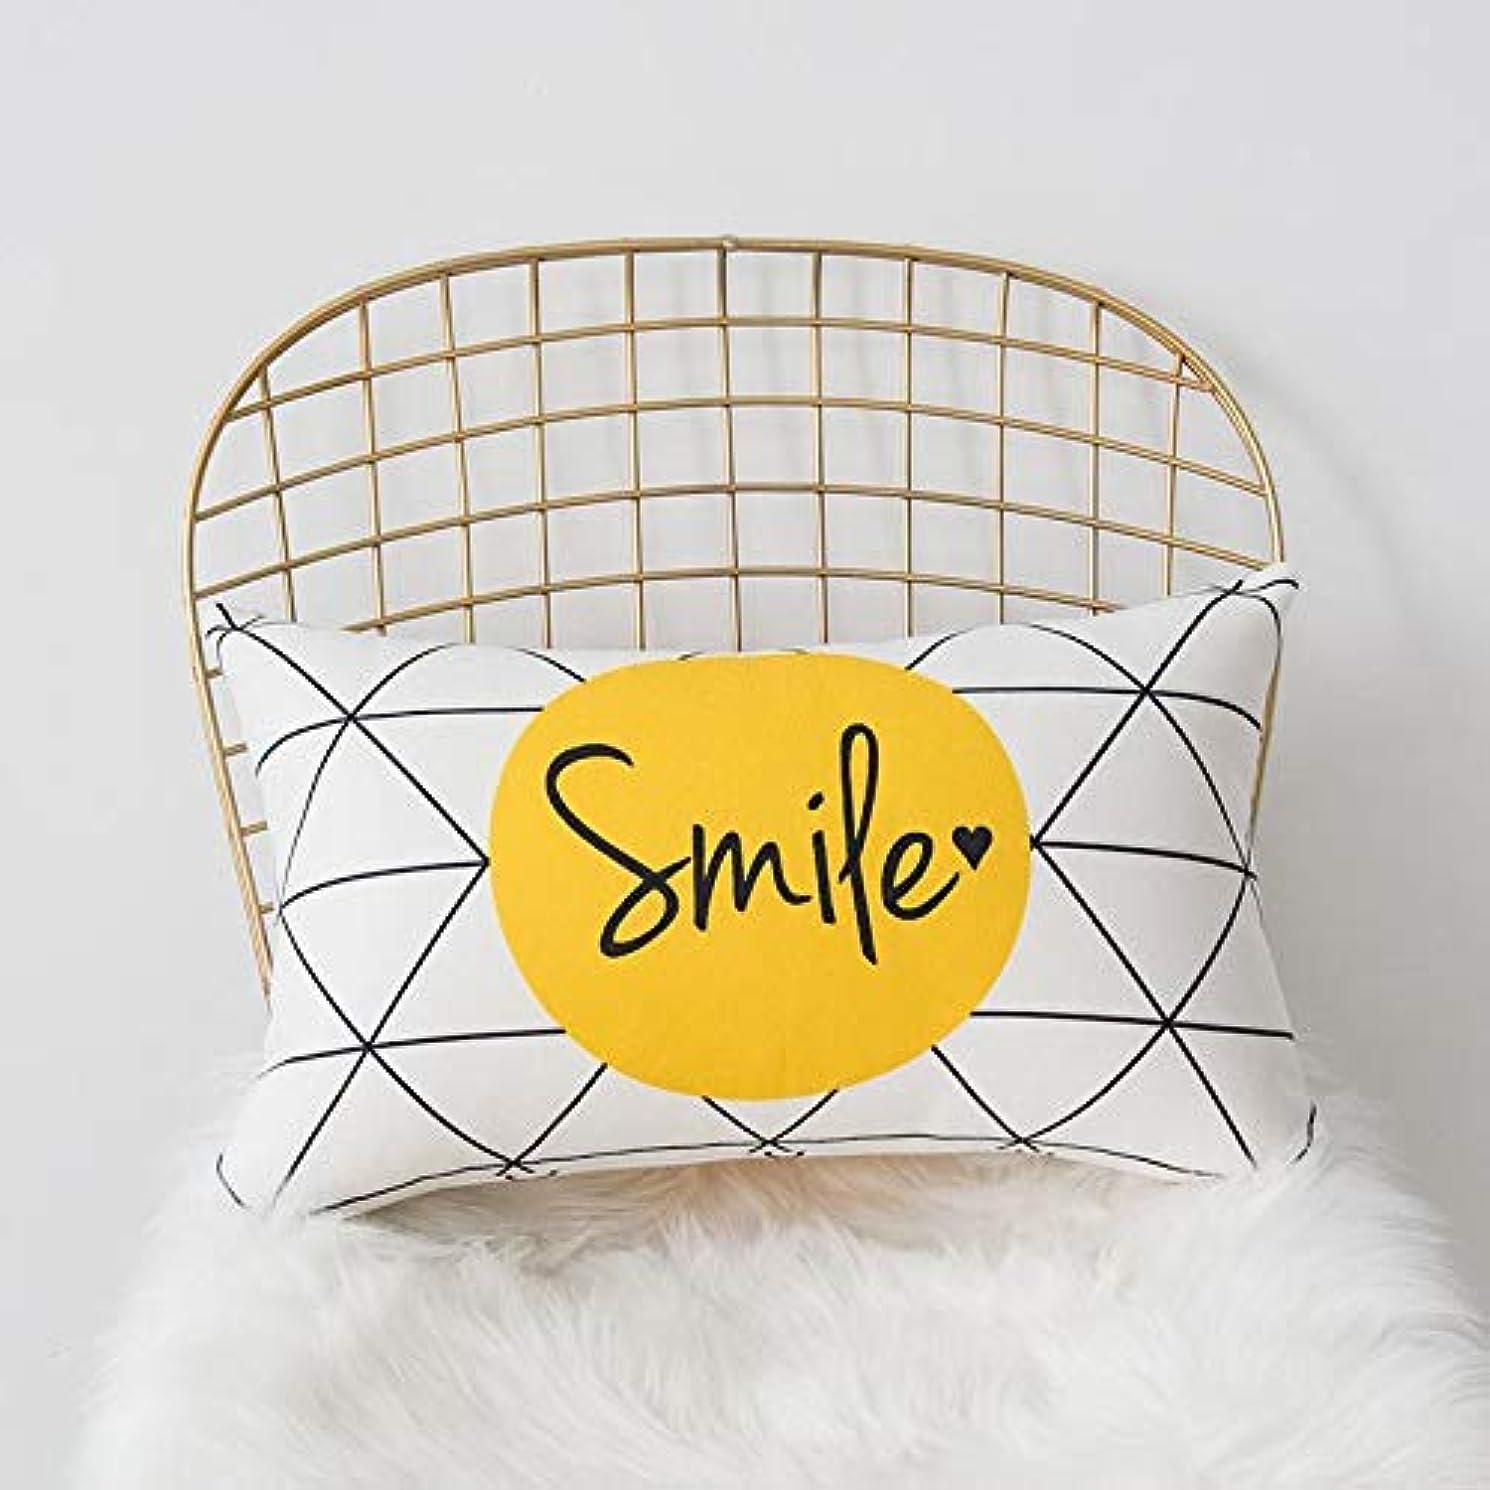 メロディアス付与ミュージカルLIFE 黄色グレー枕北欧スタイル黄色ヘラジカ幾何枕リビングルームのインテリアソファクッション Cojines 装飾良質 クッション 椅子